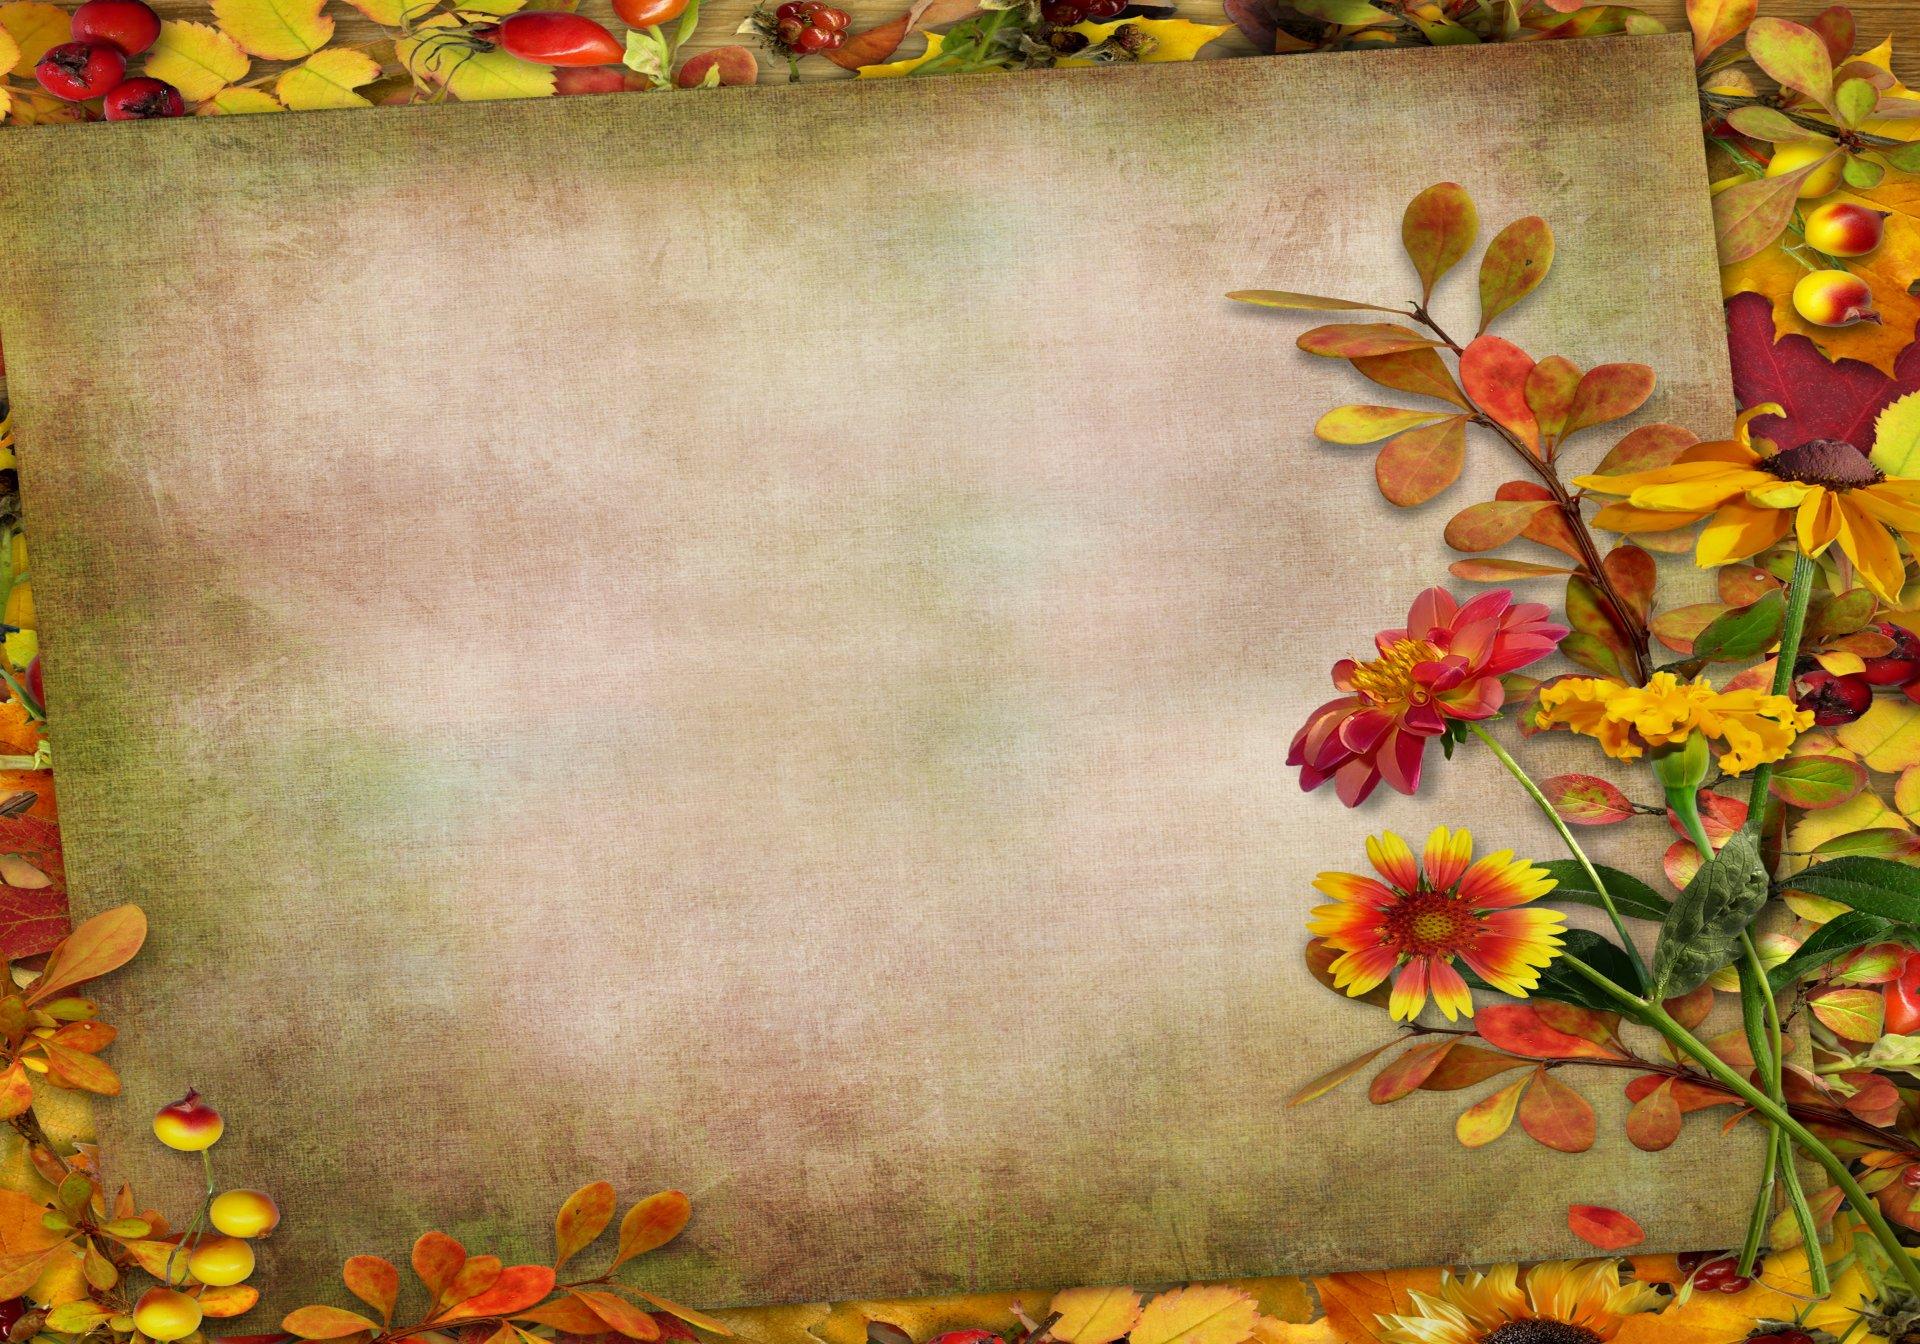 Картинки осень без текста, подружки смешные